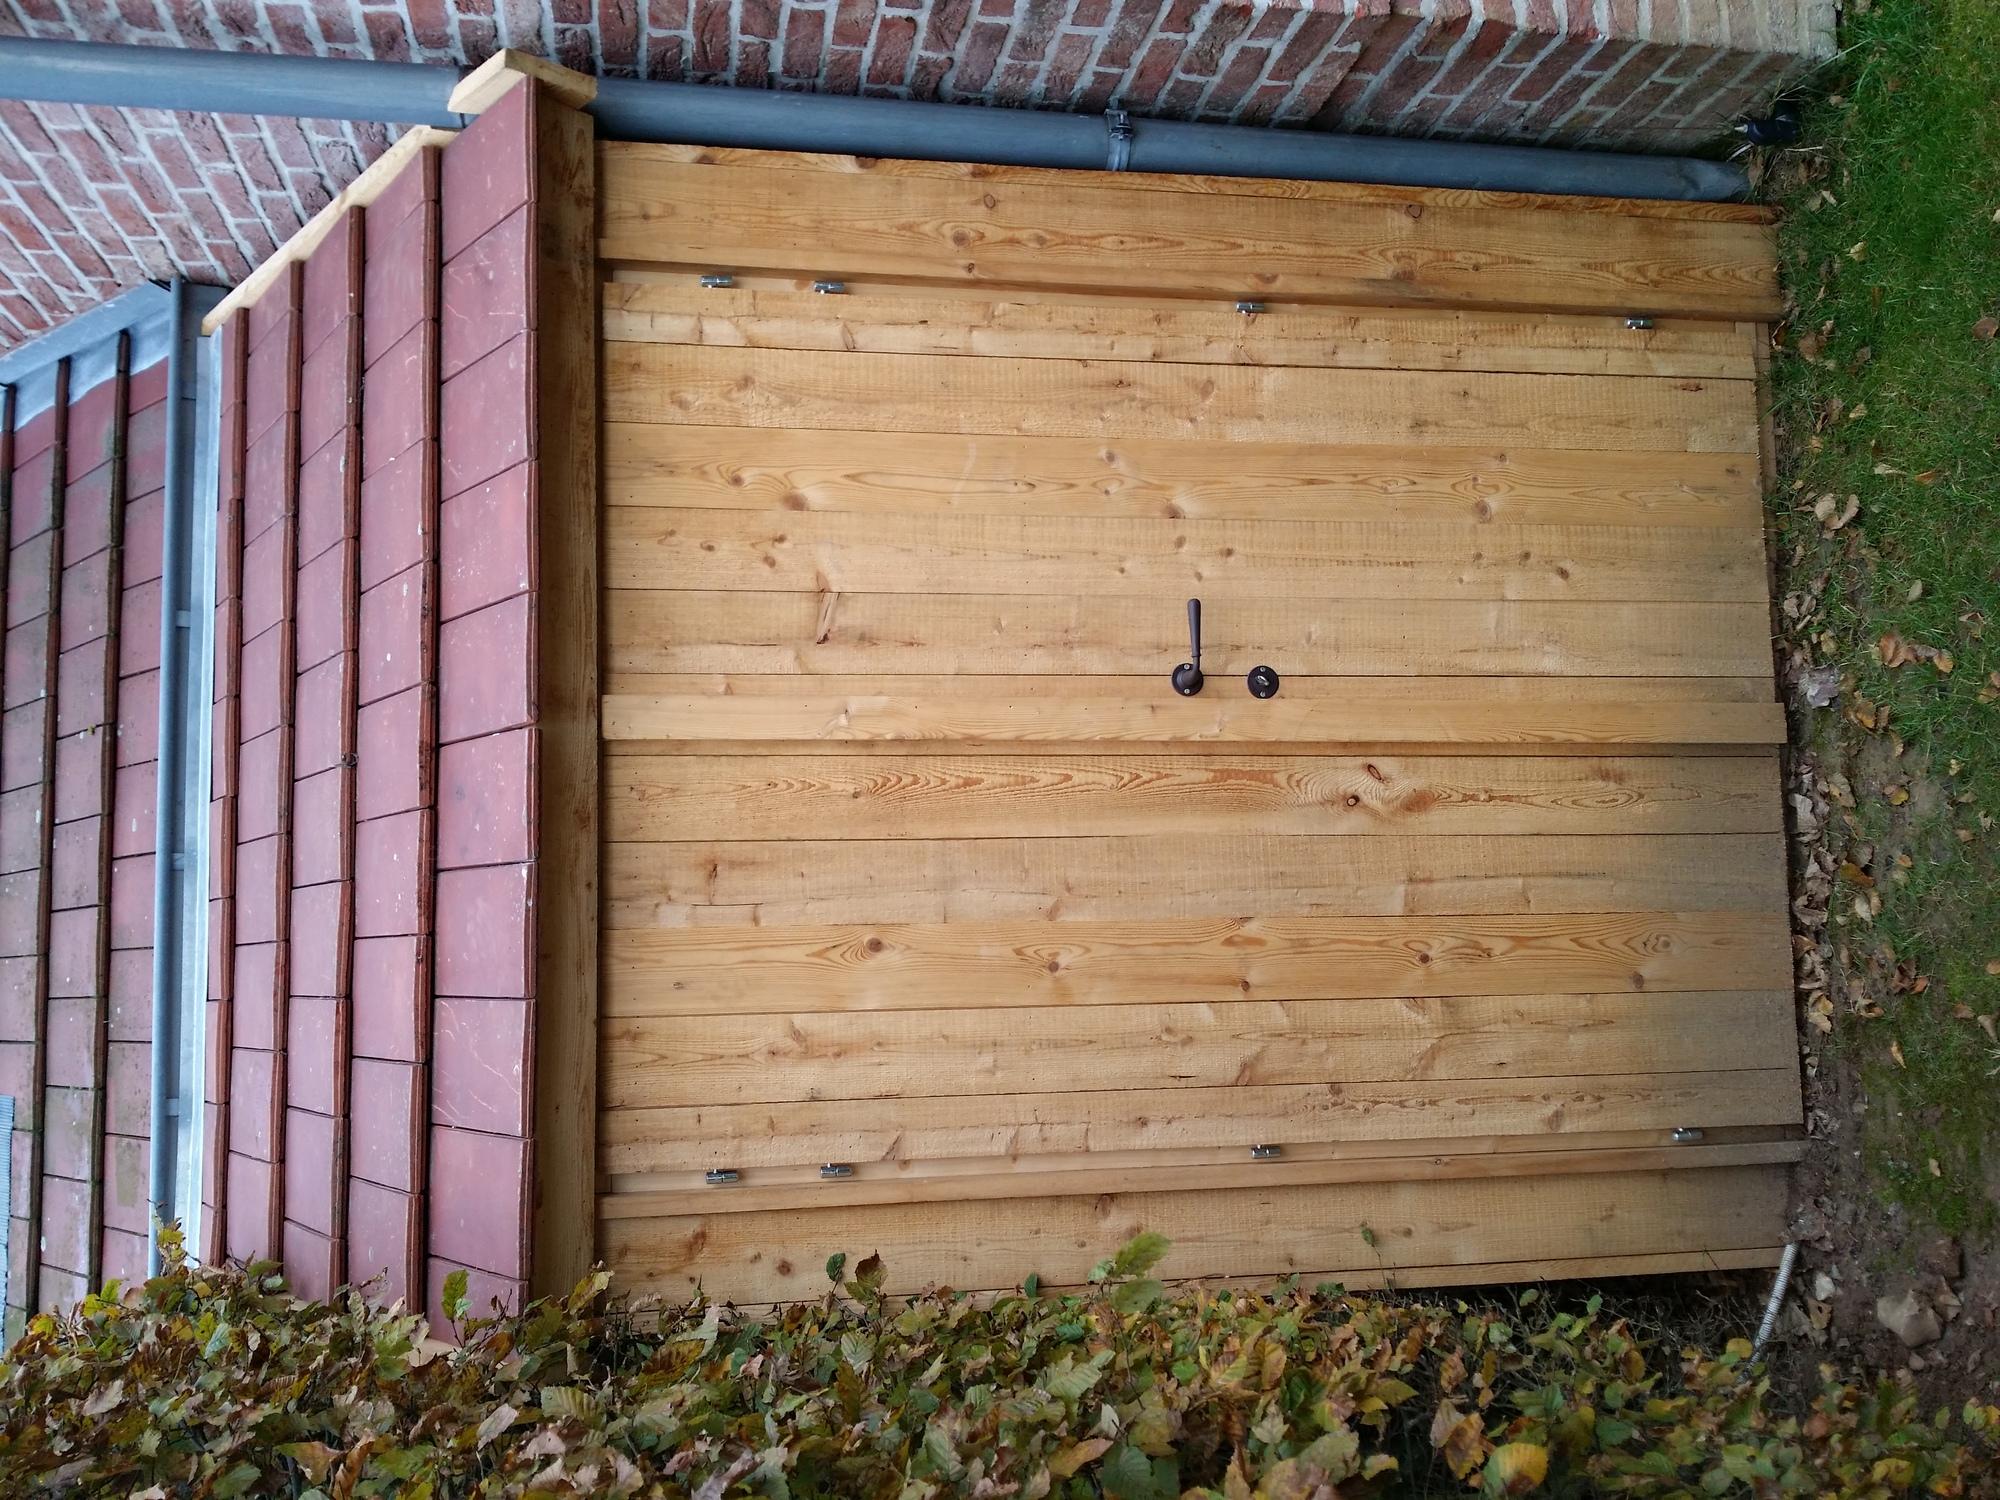 Construction cabane en bois lasne belgique cabanon for Abris de jardin en bois belgique